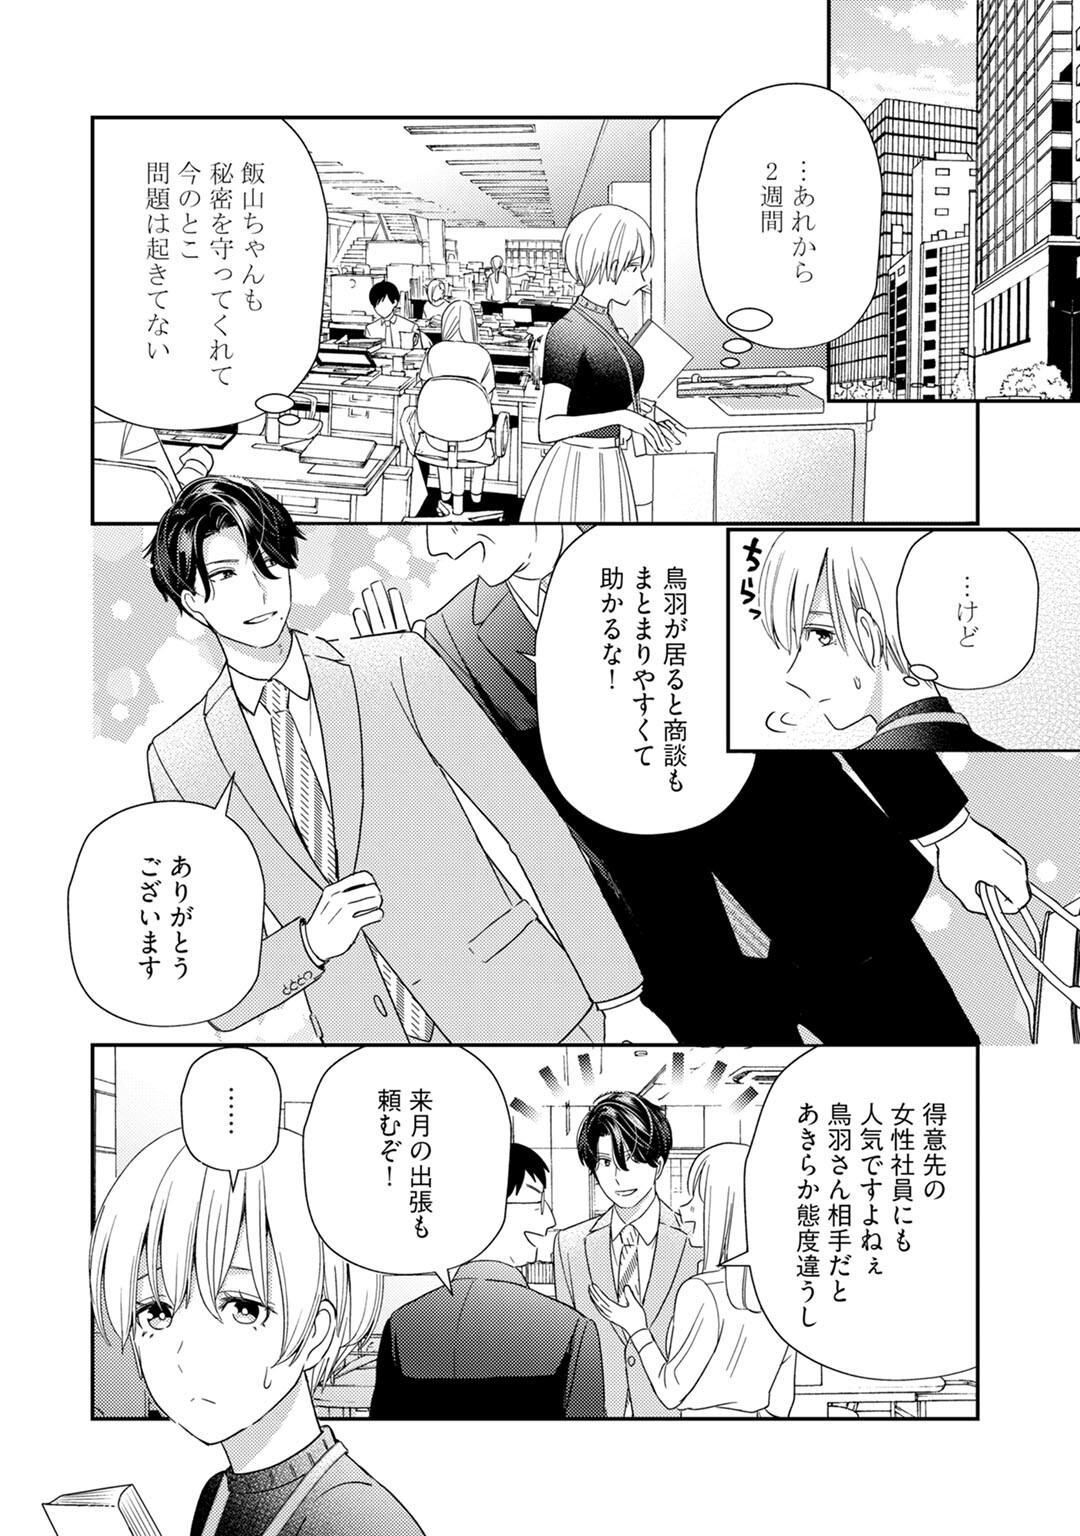 [Okonogi Happa] Kyonyuu-chan to Kyokon Joushi -Kaisha de Musabori Sex- act. 7 7